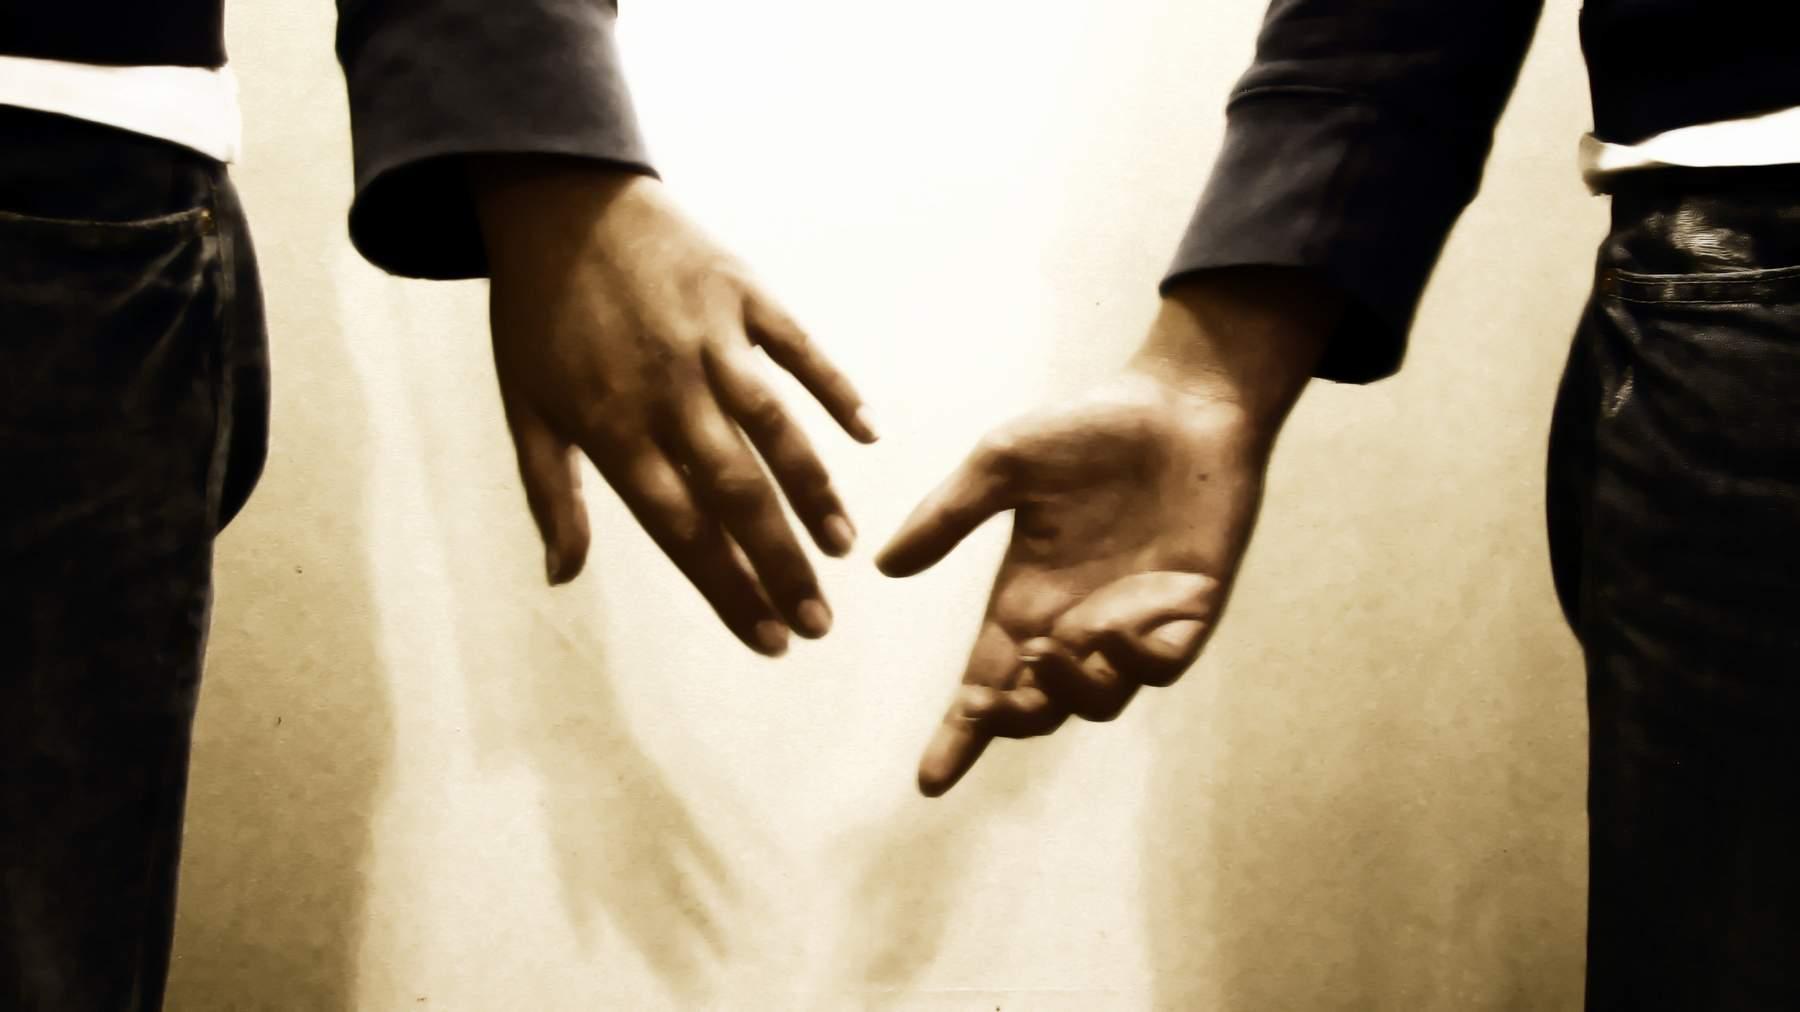 Секс когда мужик кончает себе в руку 2 фотография